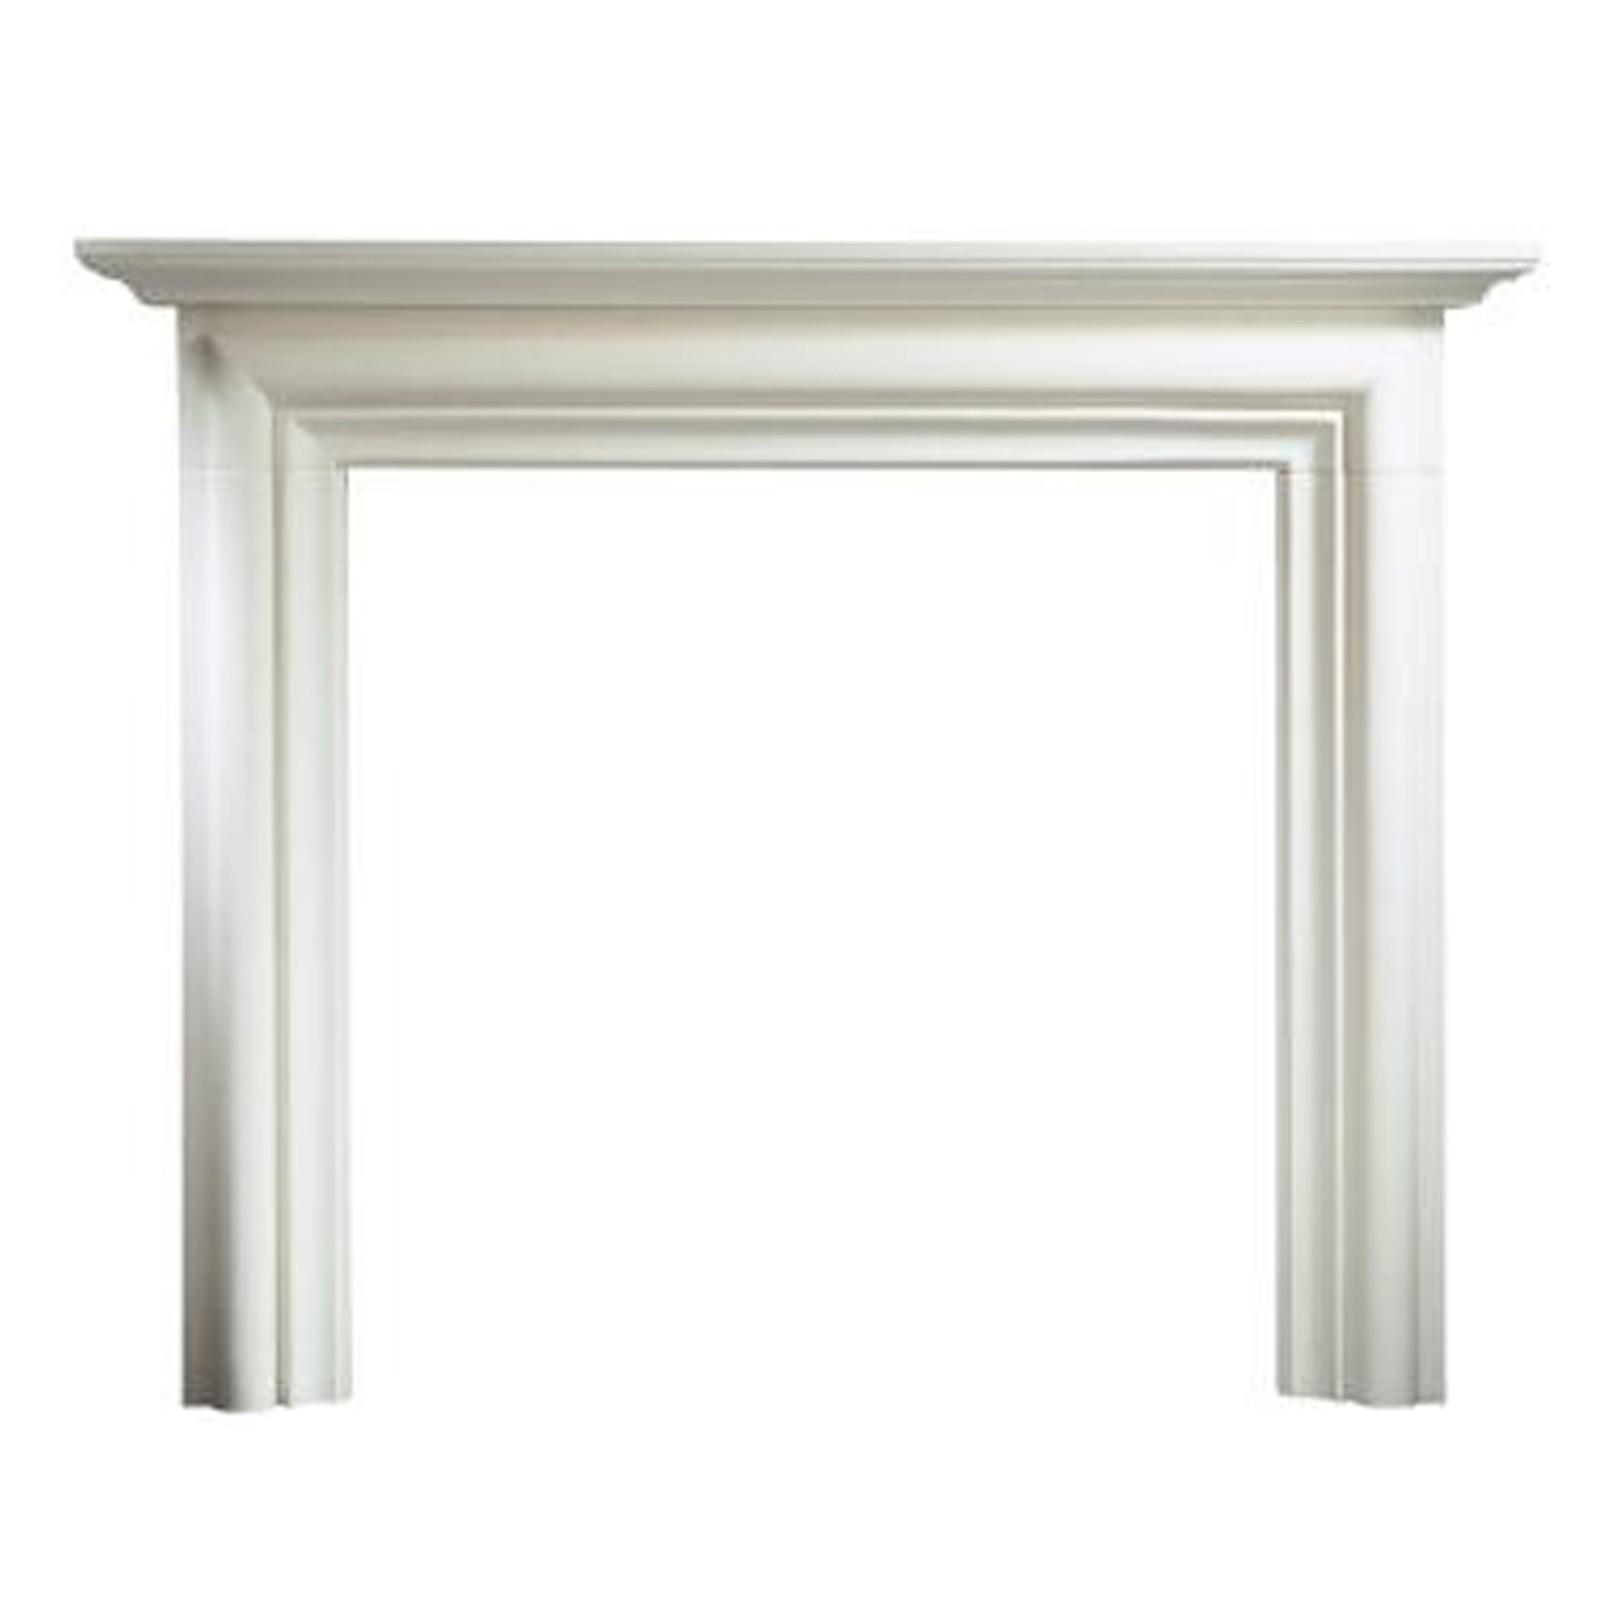 Gallery Modena Limestone 55 Fireplace Surround Mantel